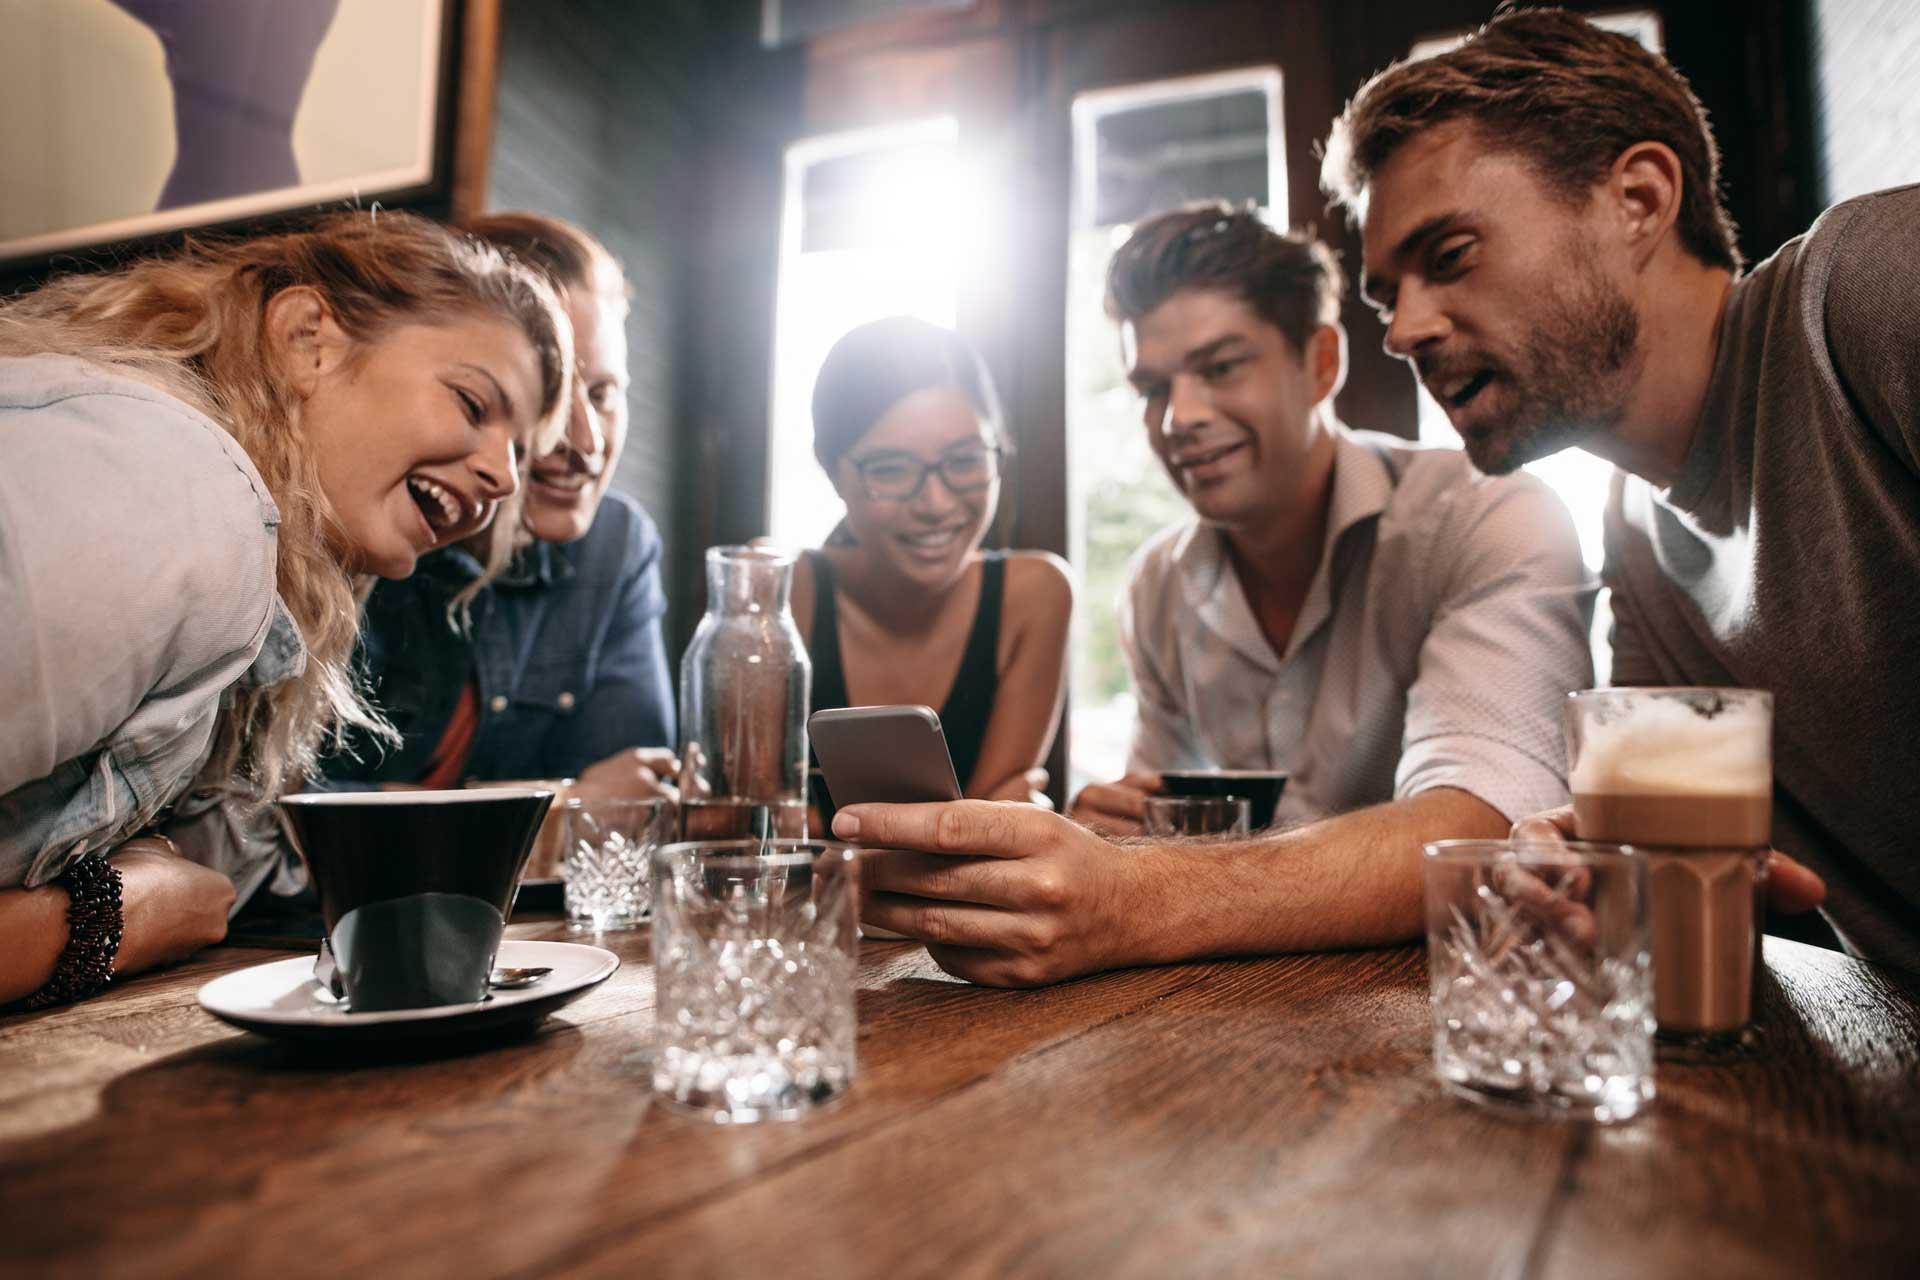 Es mejor que se establezcan limites en los medios de comunicación, como el uso de celular, y entre amigos (Foto: Especial)